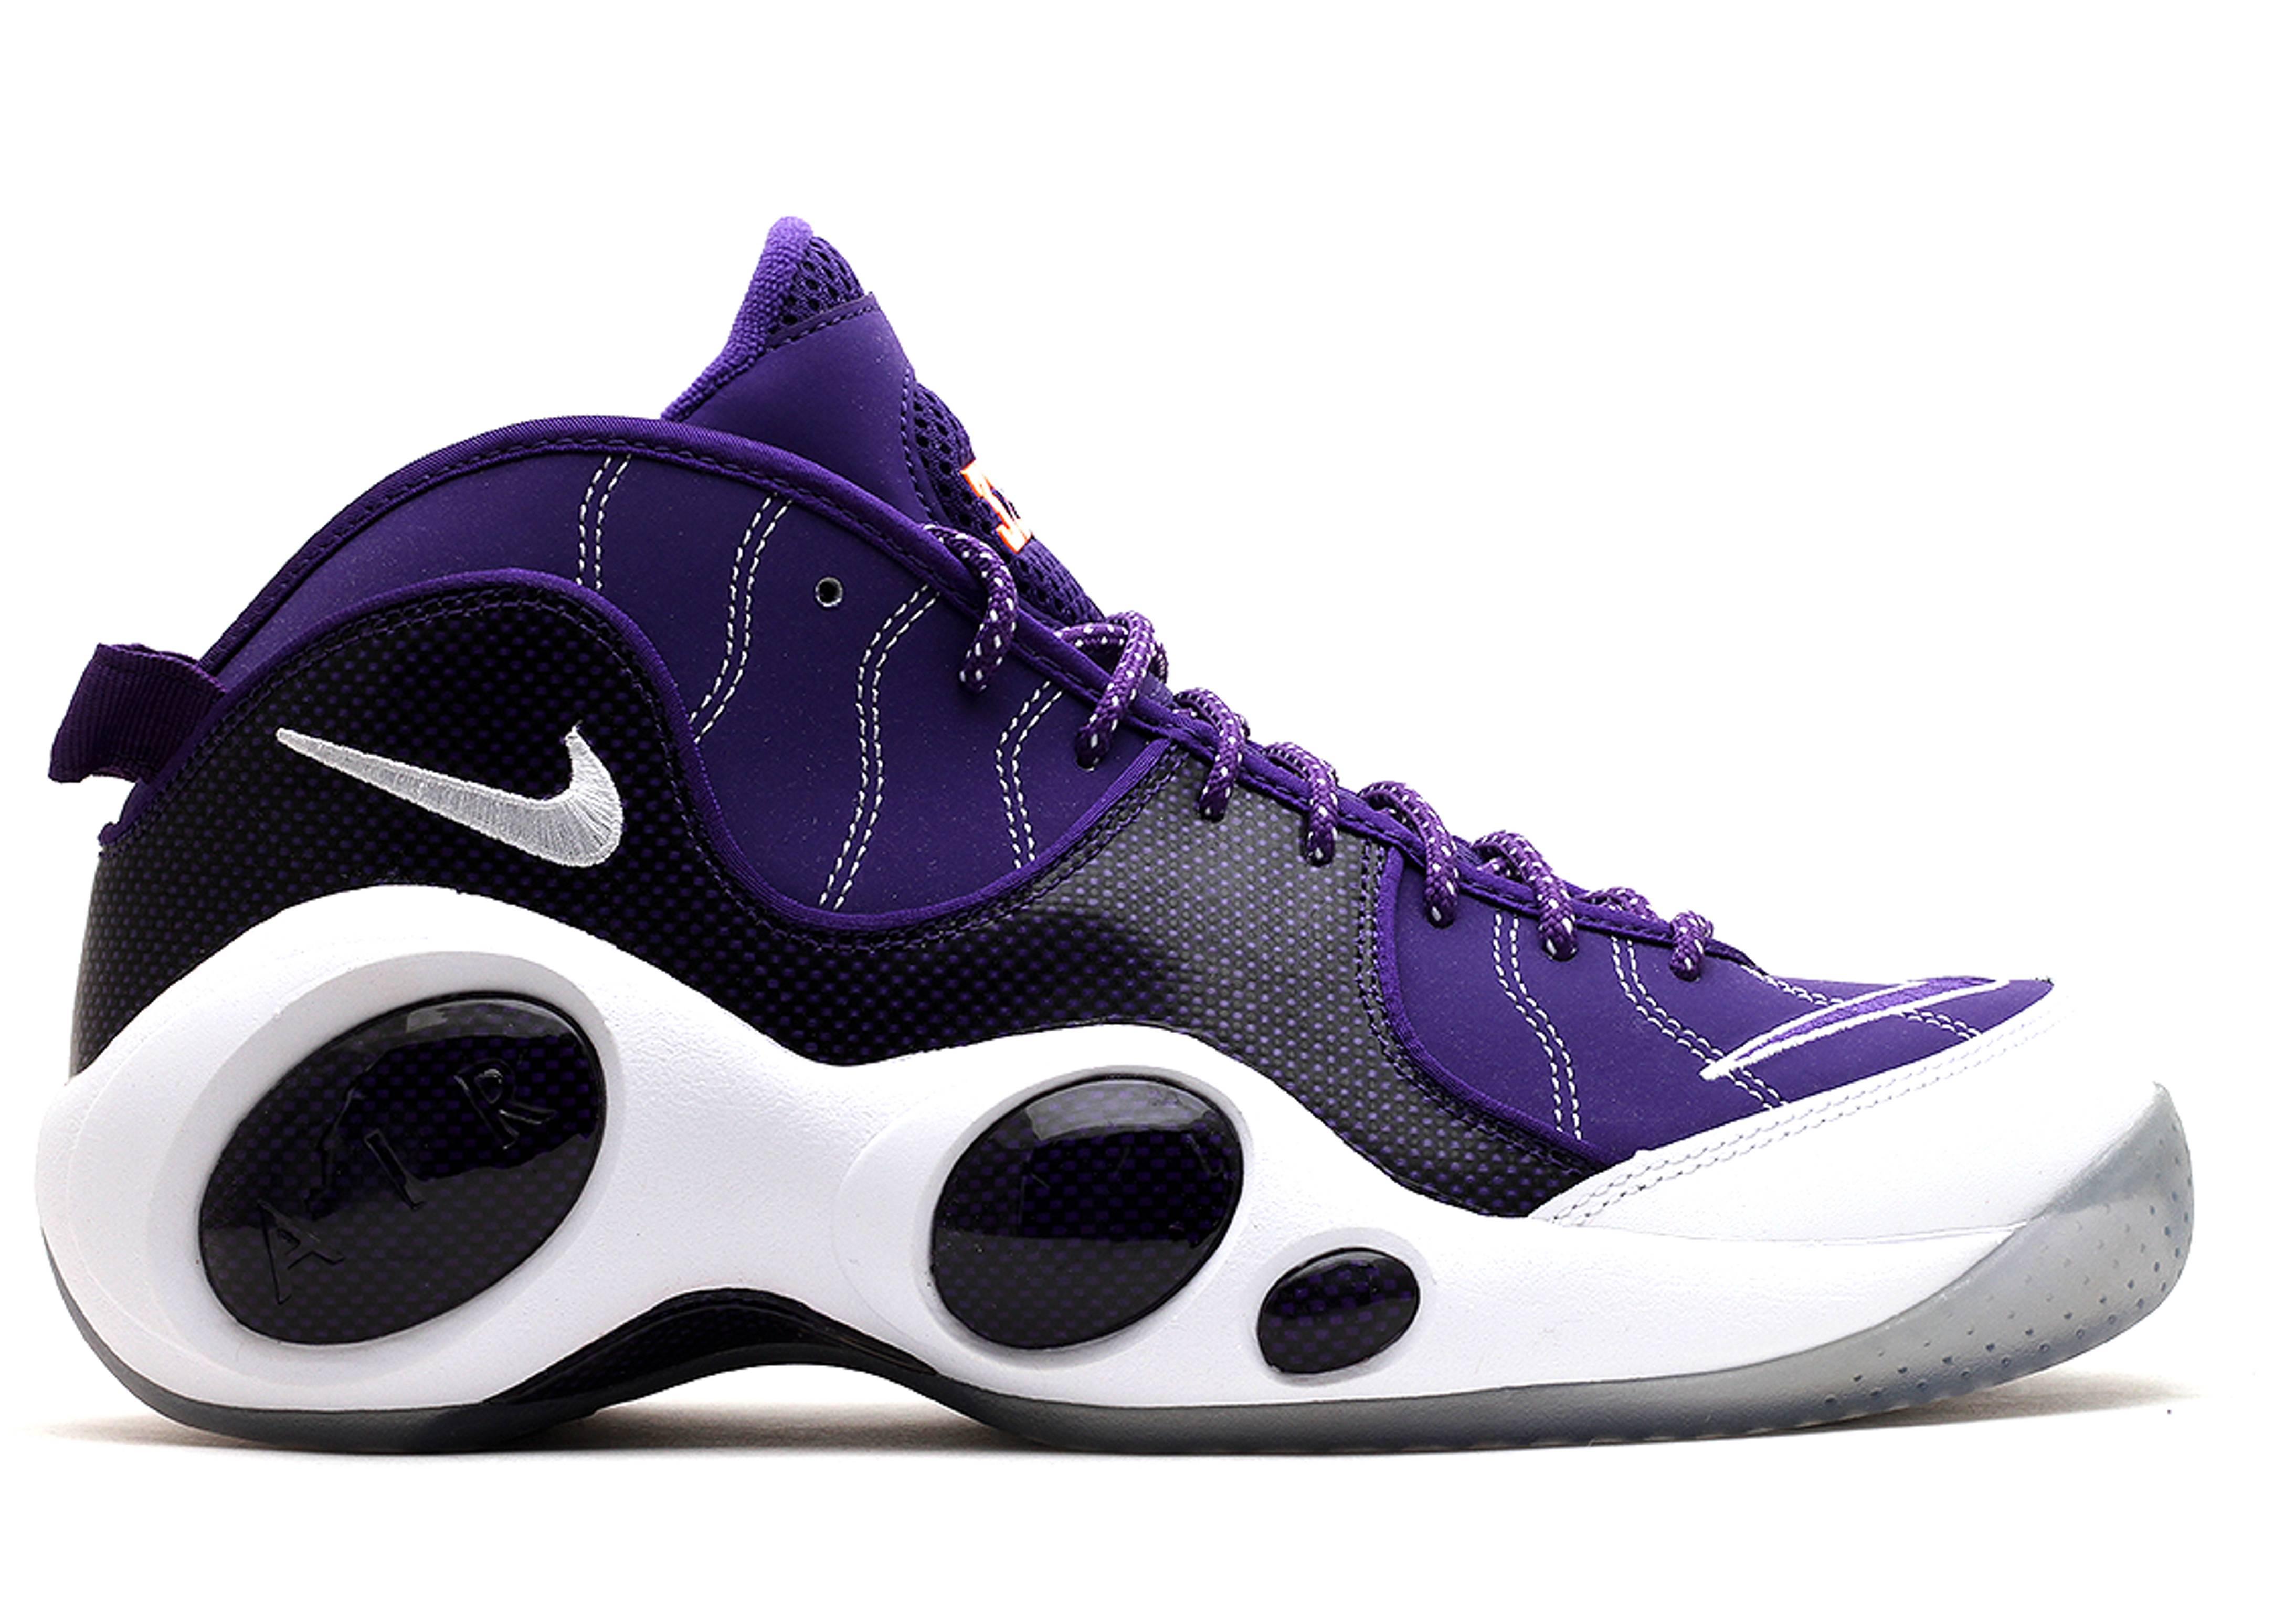 eb69bdd99ac6 Air Zoom Flight 95 J Kidd Pe - Nike - 574724 500 - court purple ...